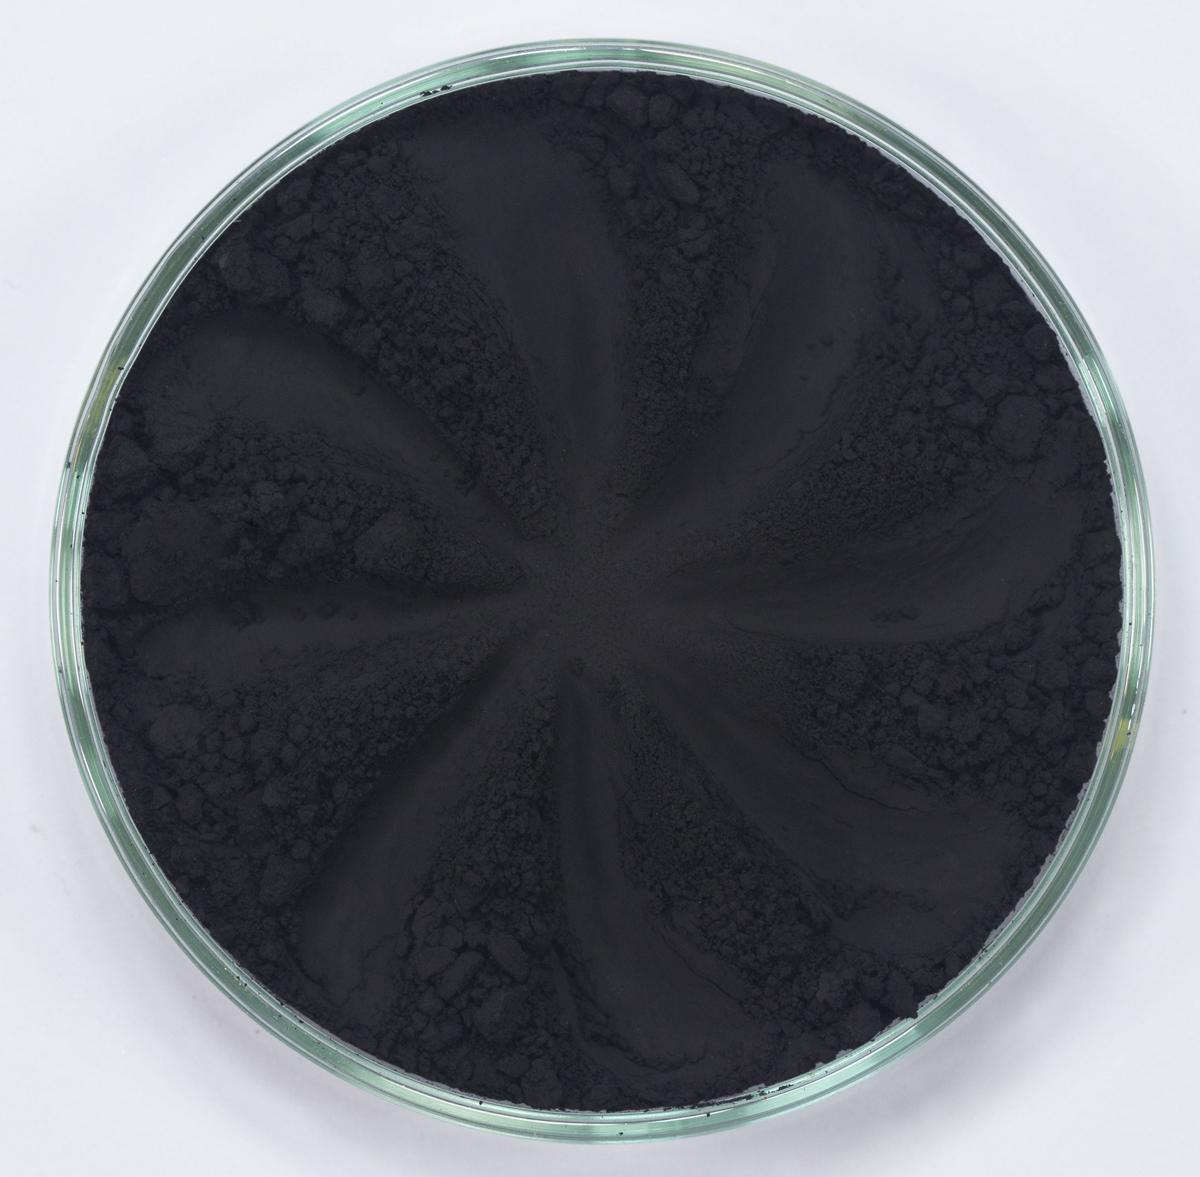 Era Minerals Минеральные Тени для век Twinkle тон T38 (глубокий черный), 4 млEYT38Тени для век обеспечивают комплексное покрытие, своим сиянием напоминающее как глубину, так и лучезарный блеск драгоценного камня. Текстура теней содержит в себе цвет-основу с содержанием крошечных мерцающих частиц, превосходно сочетающихся с основным цветом. Сильные и яркие минеральные пигменты Можно наносить как влажным, так и сухим способом Без отдушек и содержания масел, для всех типов кожи Дерматологически протестировано, не аллергенно Не тестировано на животных Вес нетто 1г (стандартный размер)